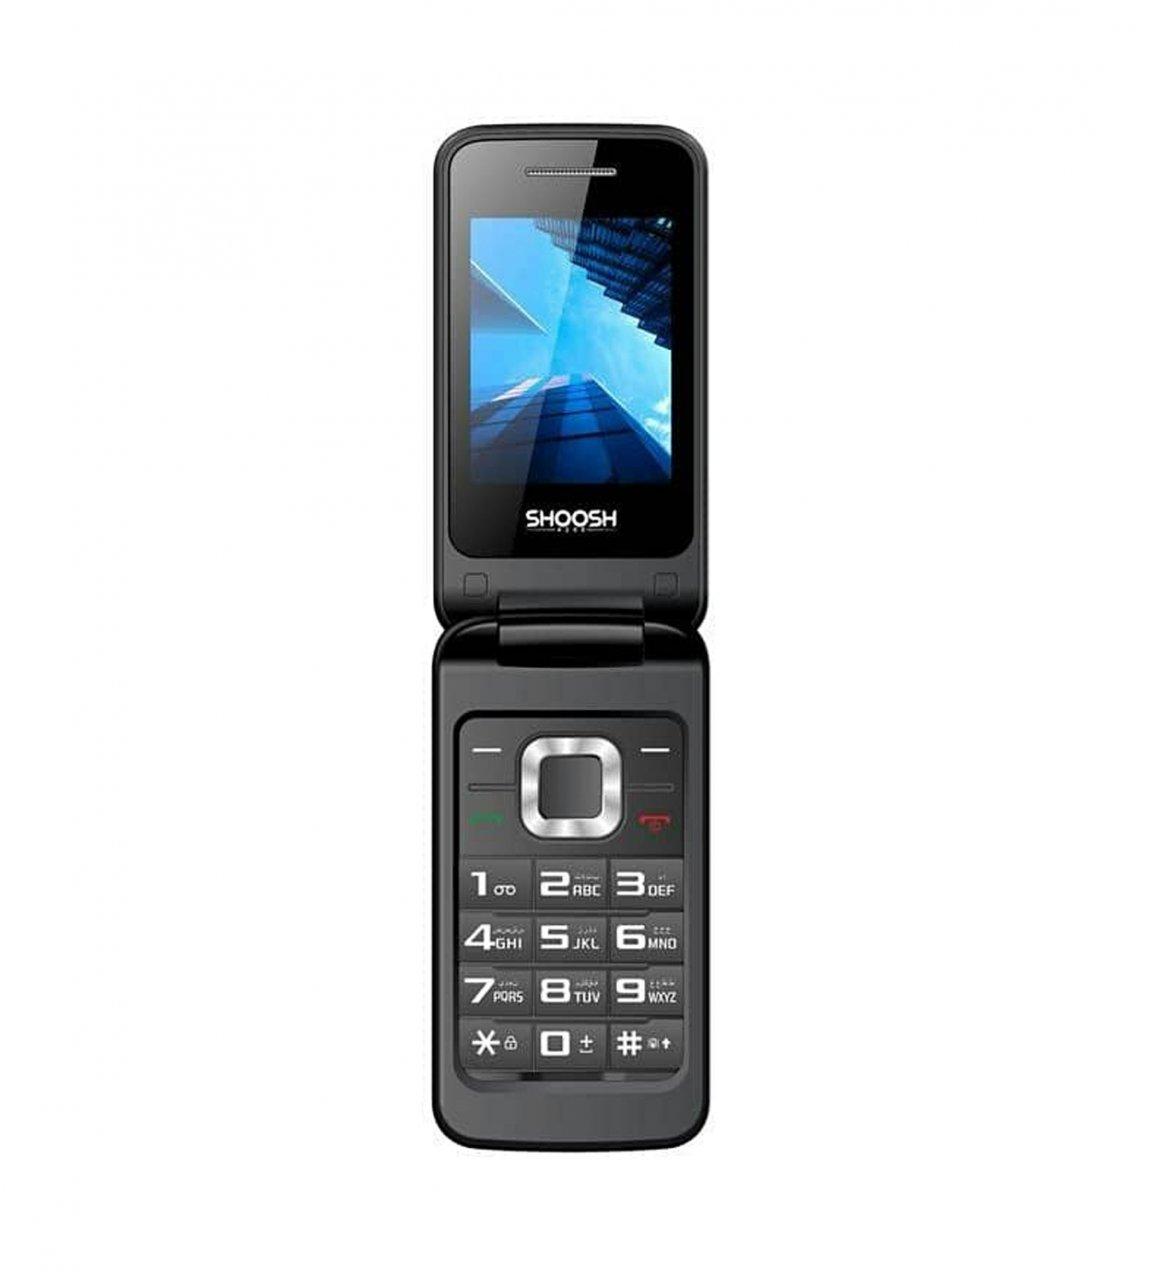 گوشی موبایل مدل shoosh - H3521